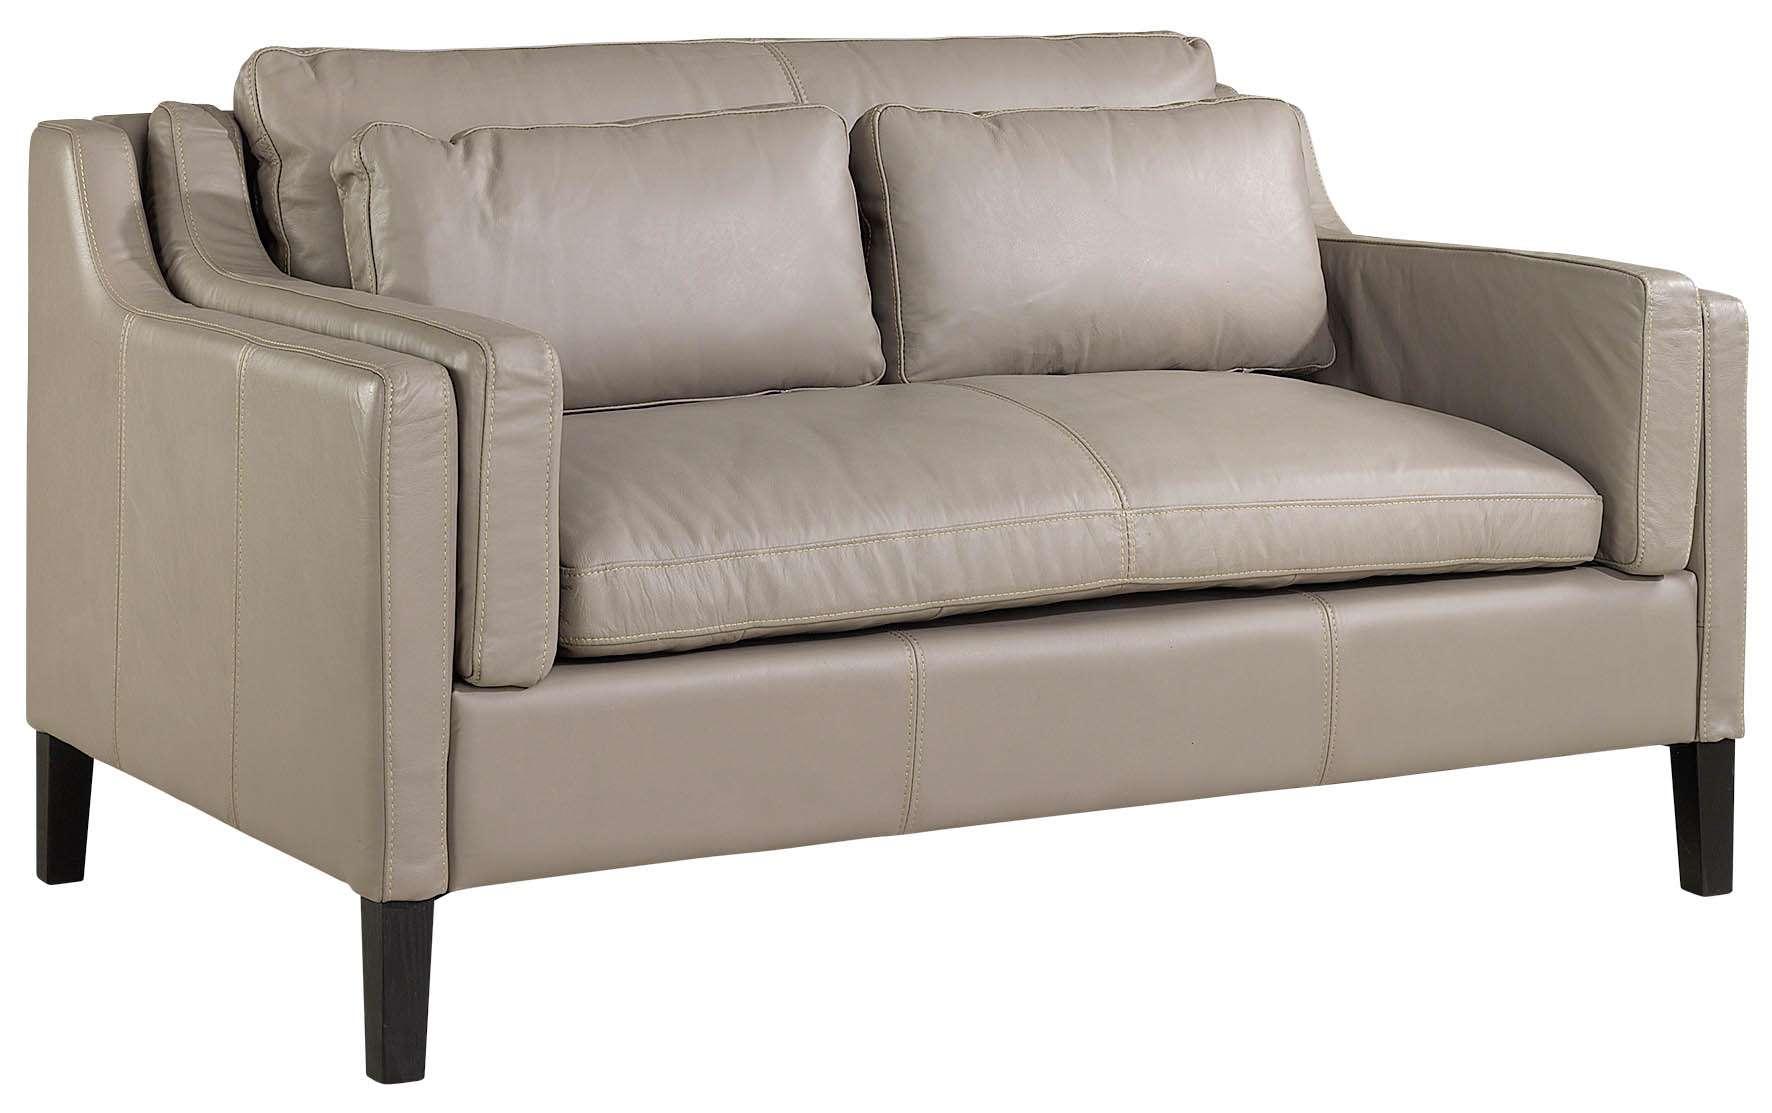 Sofa Manchester 2-osobowa skórzana jasna -30% 150x91x87